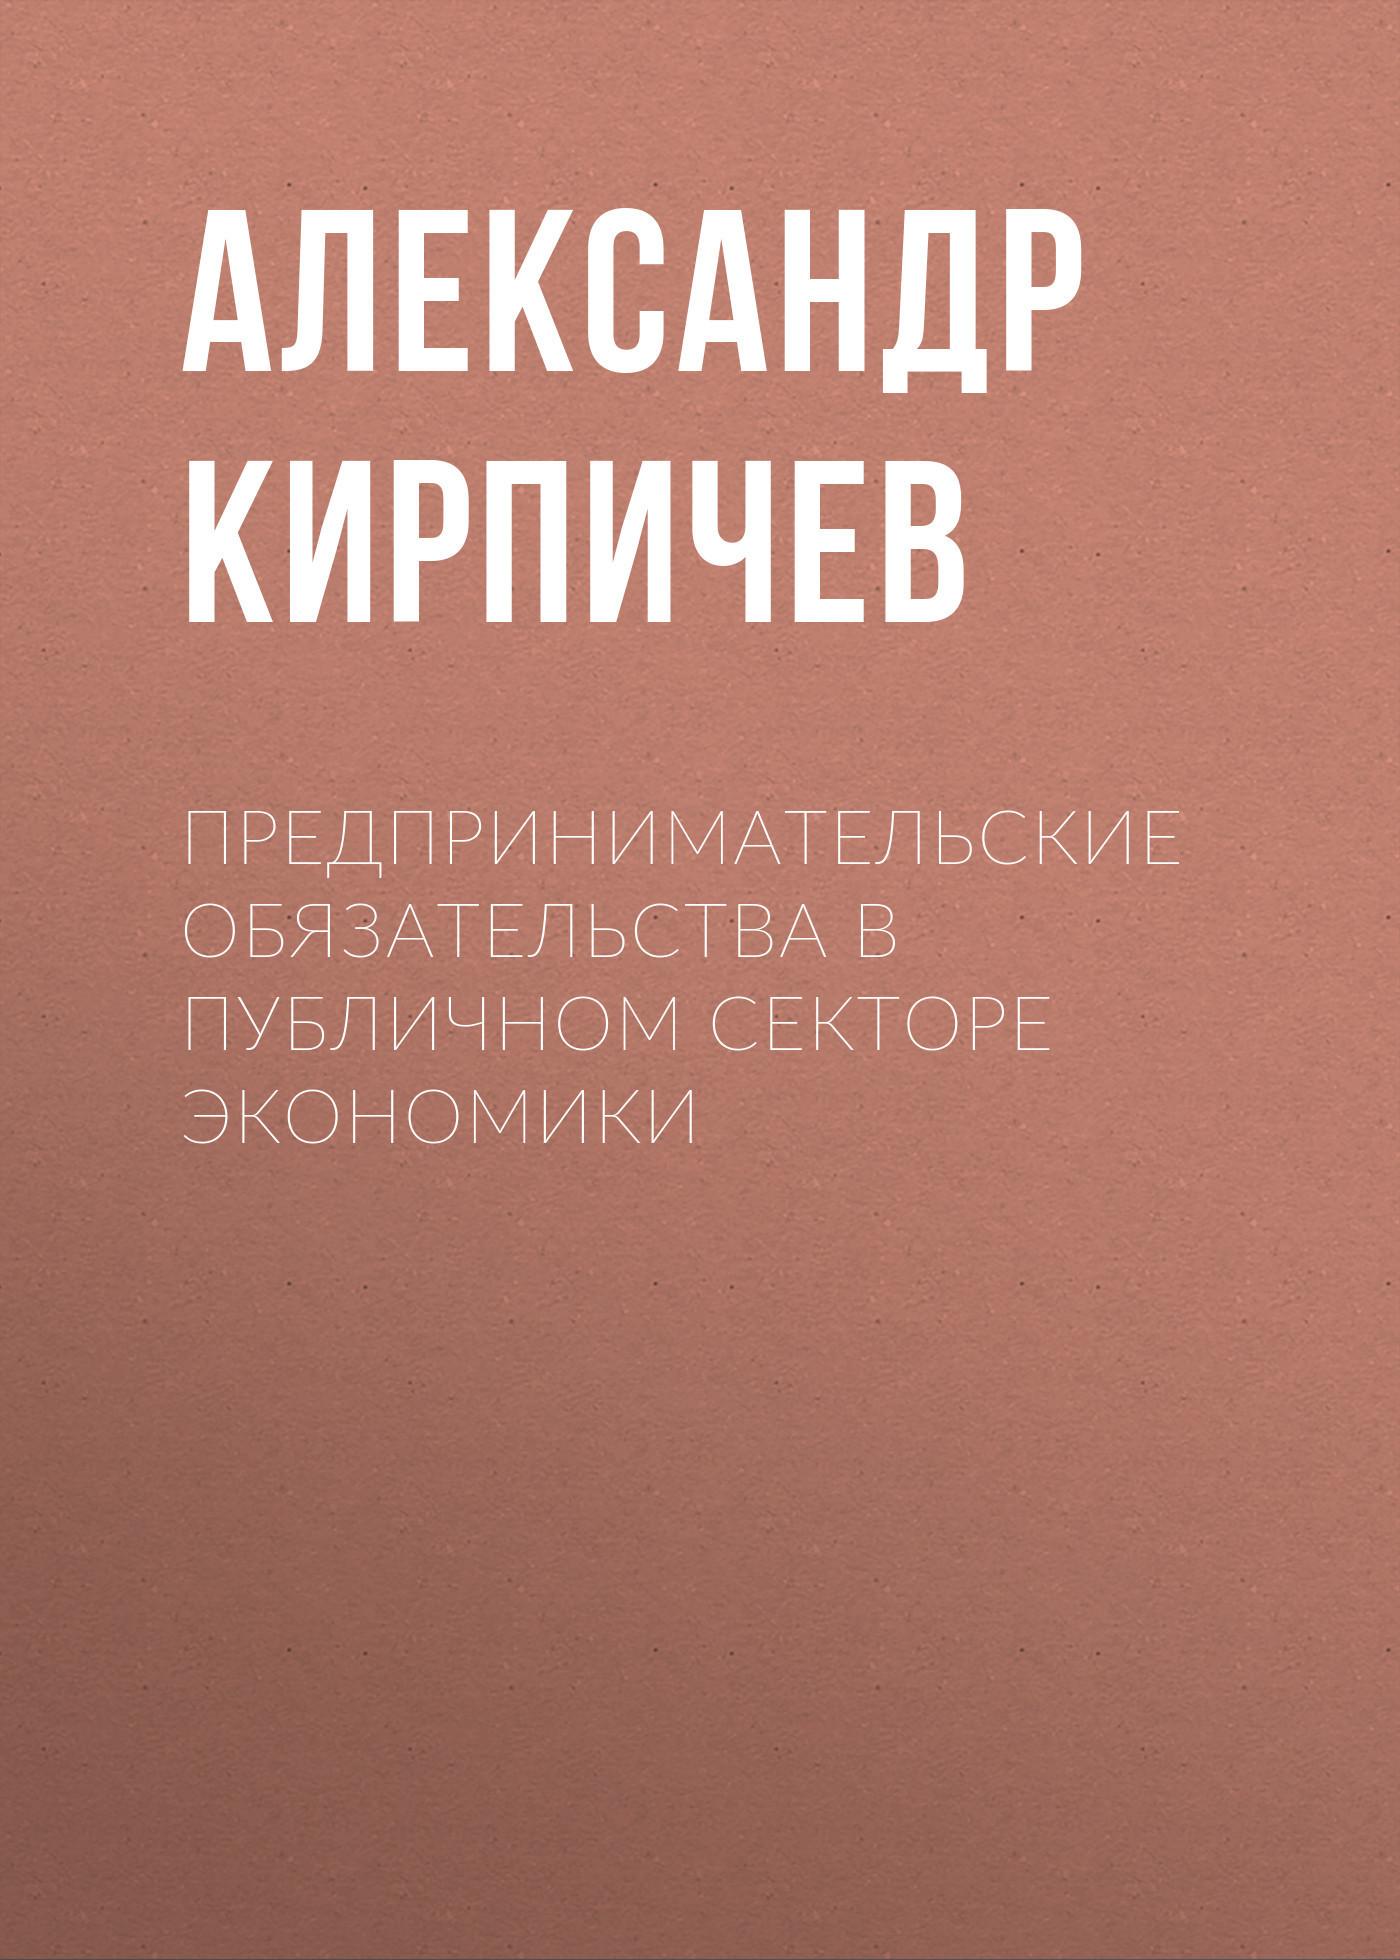 Александр Кирпичев. Предпринимательские обязательства в публичном секторе экономики